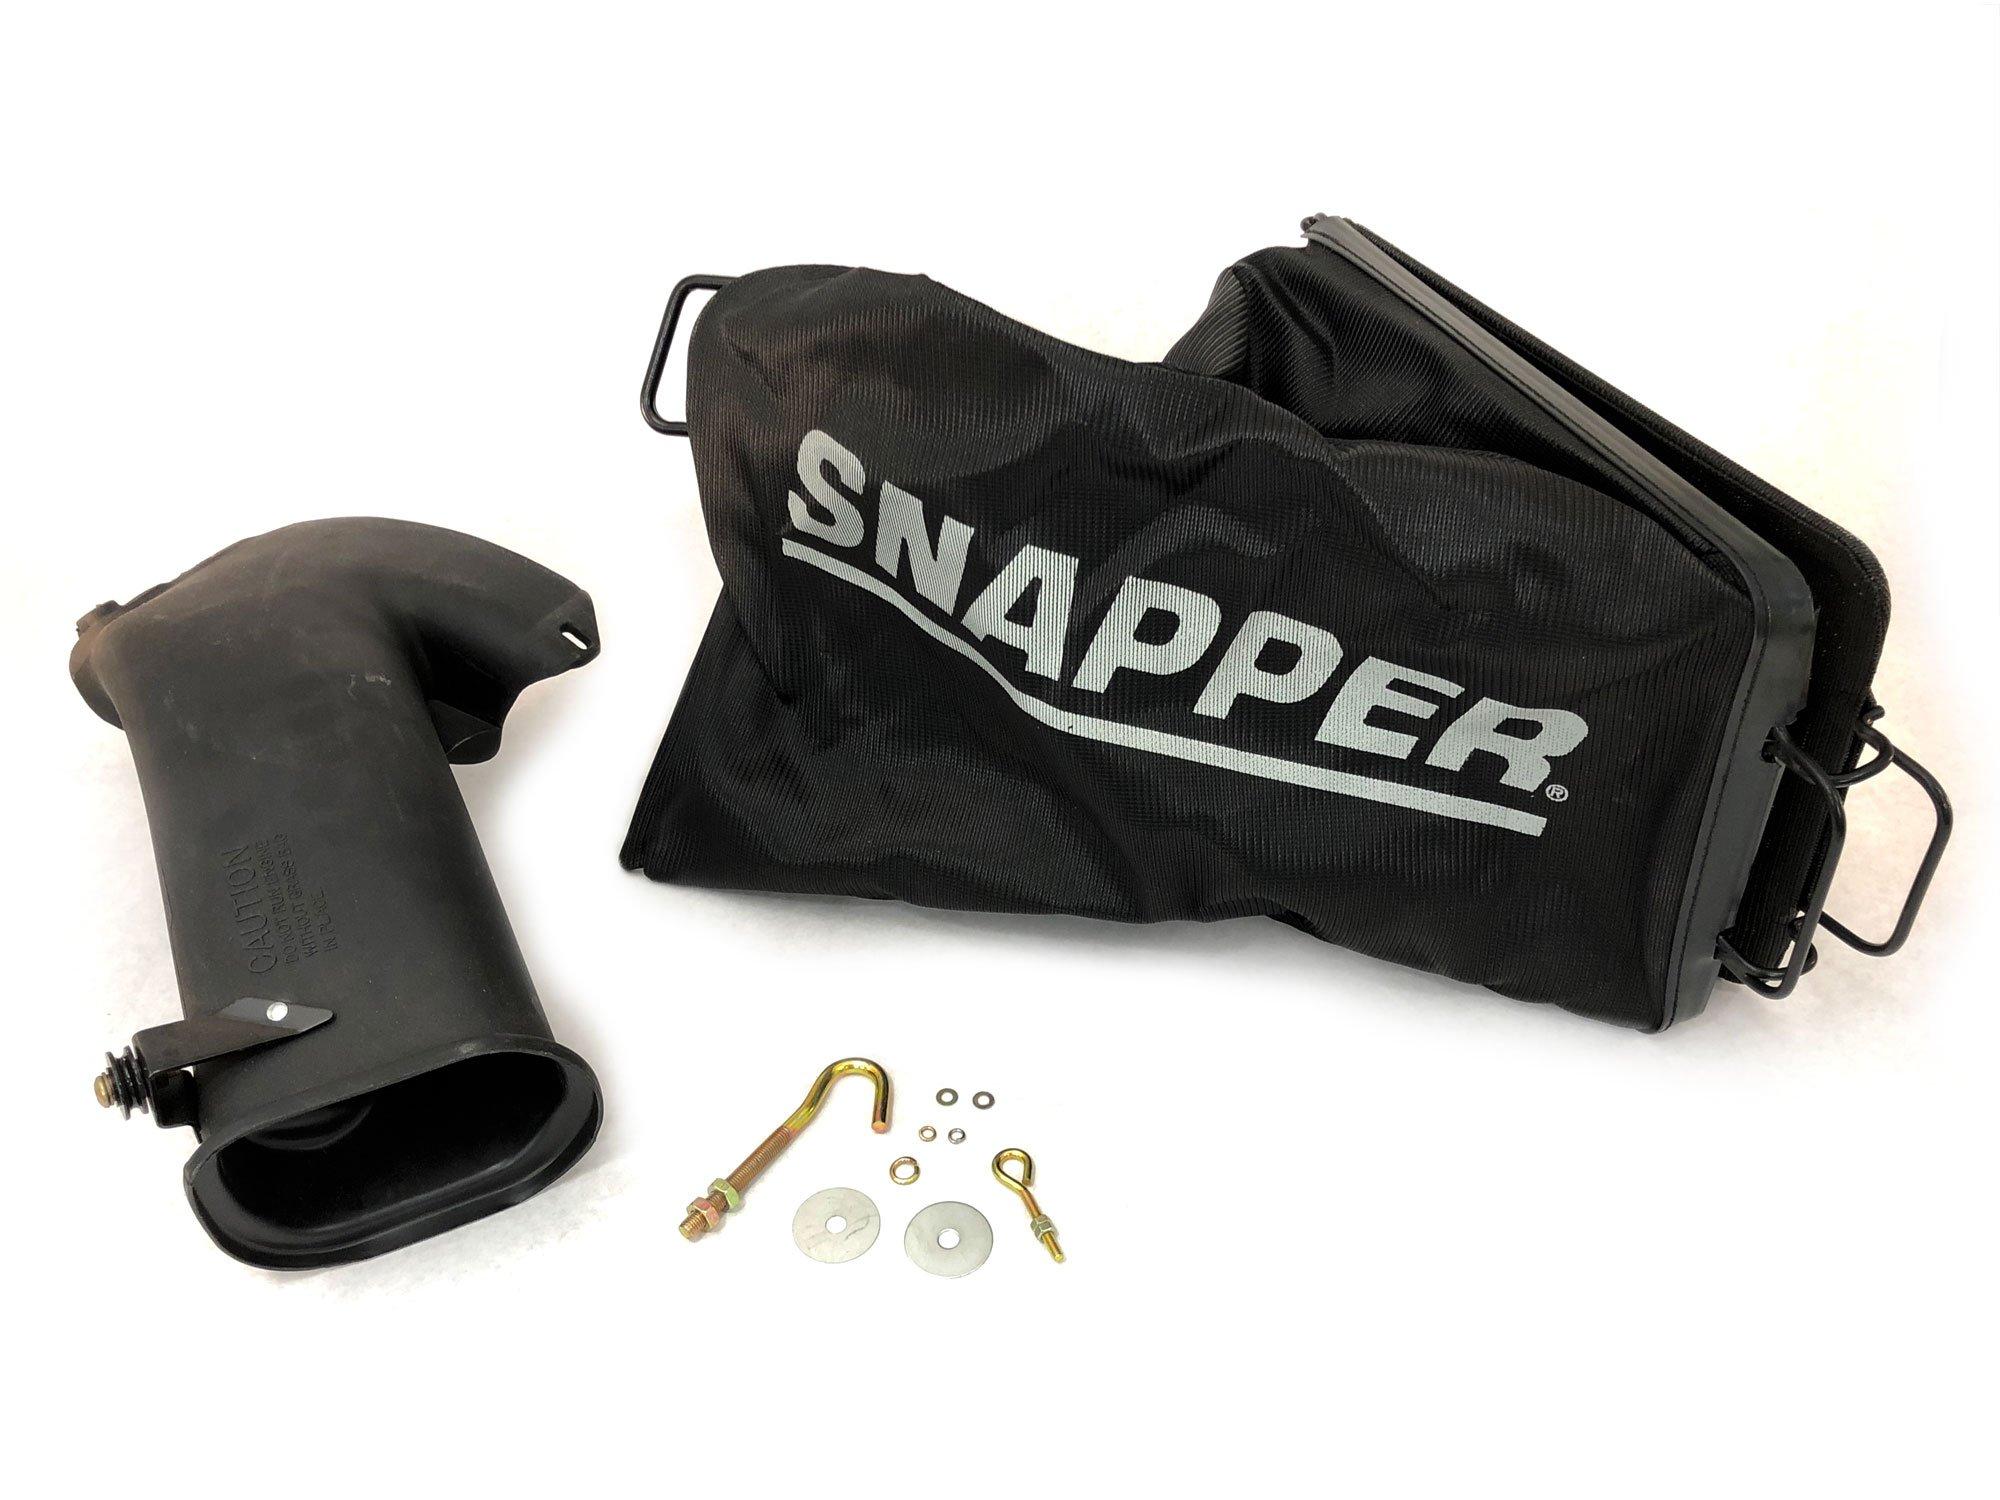 MowerPartsGroup Snapper Grass Bag Catcher Kit